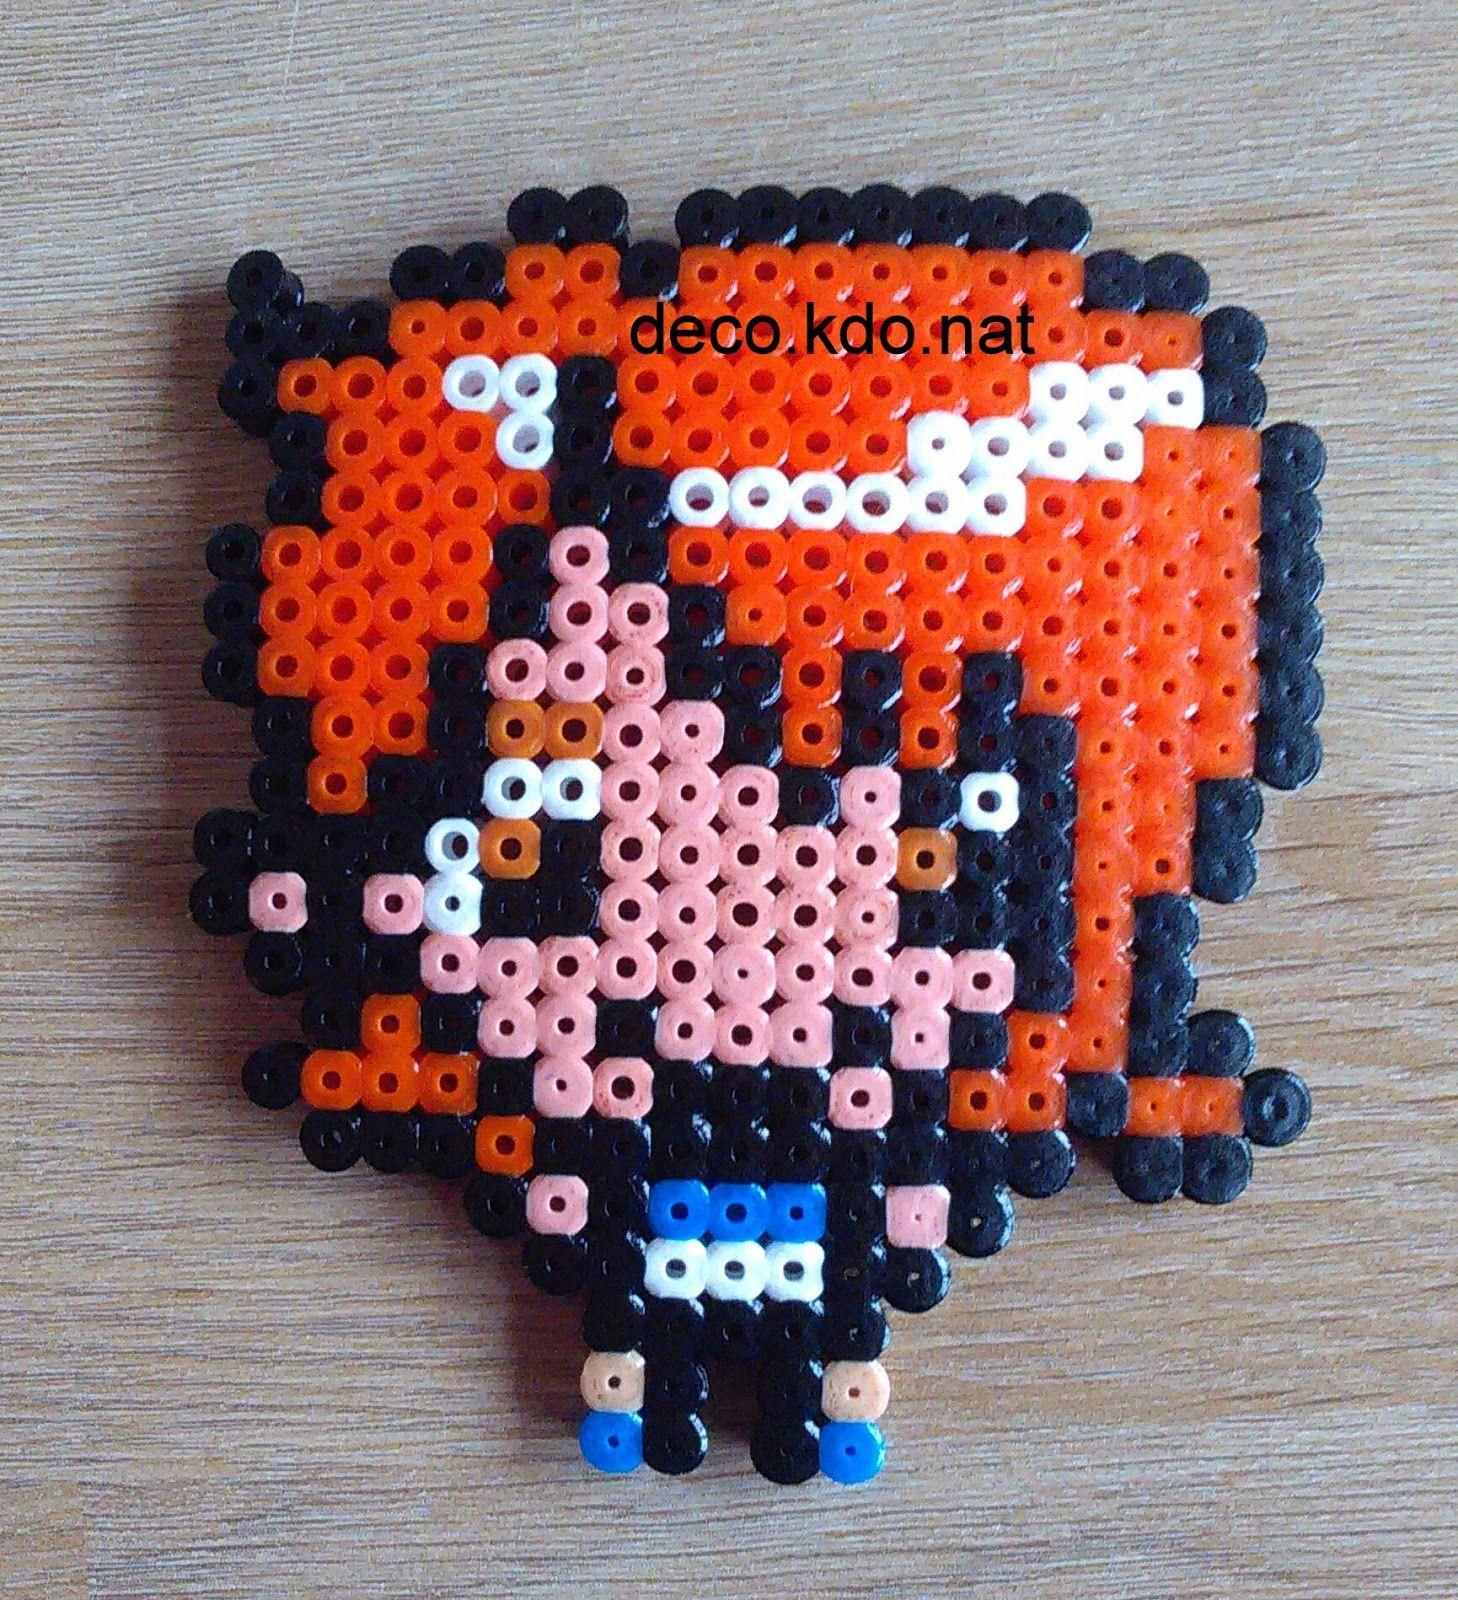 Nami - One Piece hama beads by Deco.Kdo.Nat